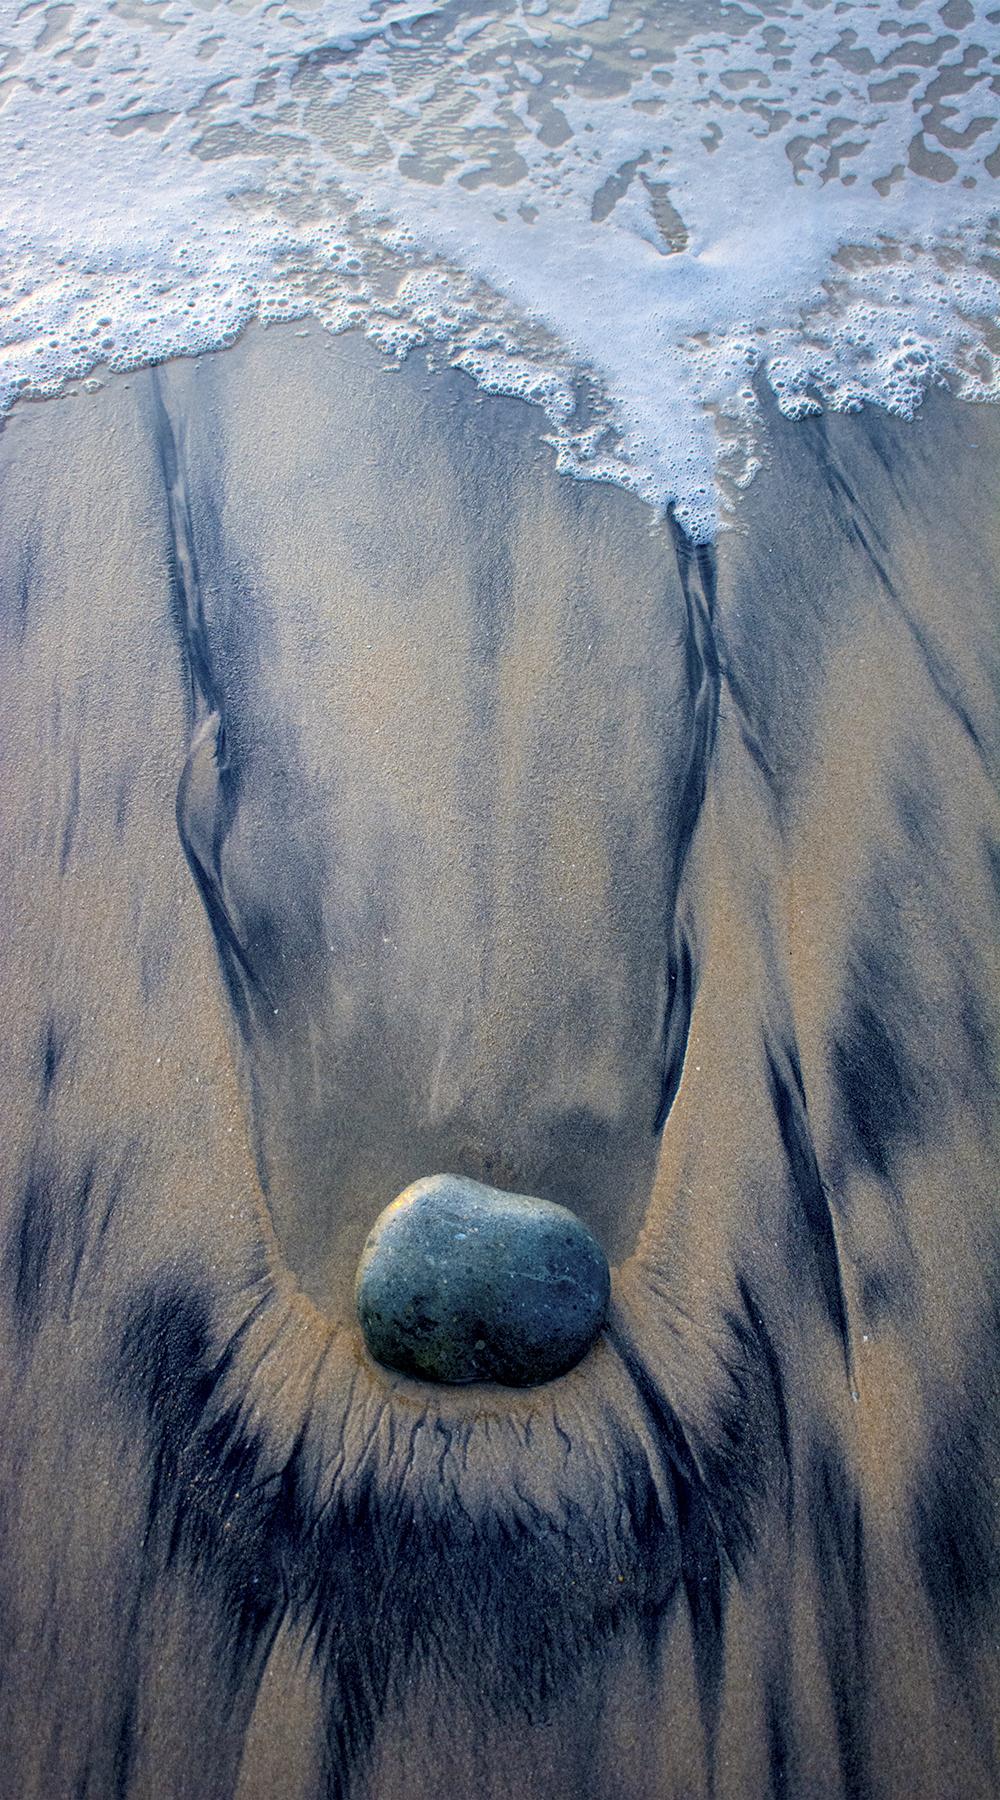 willa_davis_Surf-Works-Untitled_01.jpg